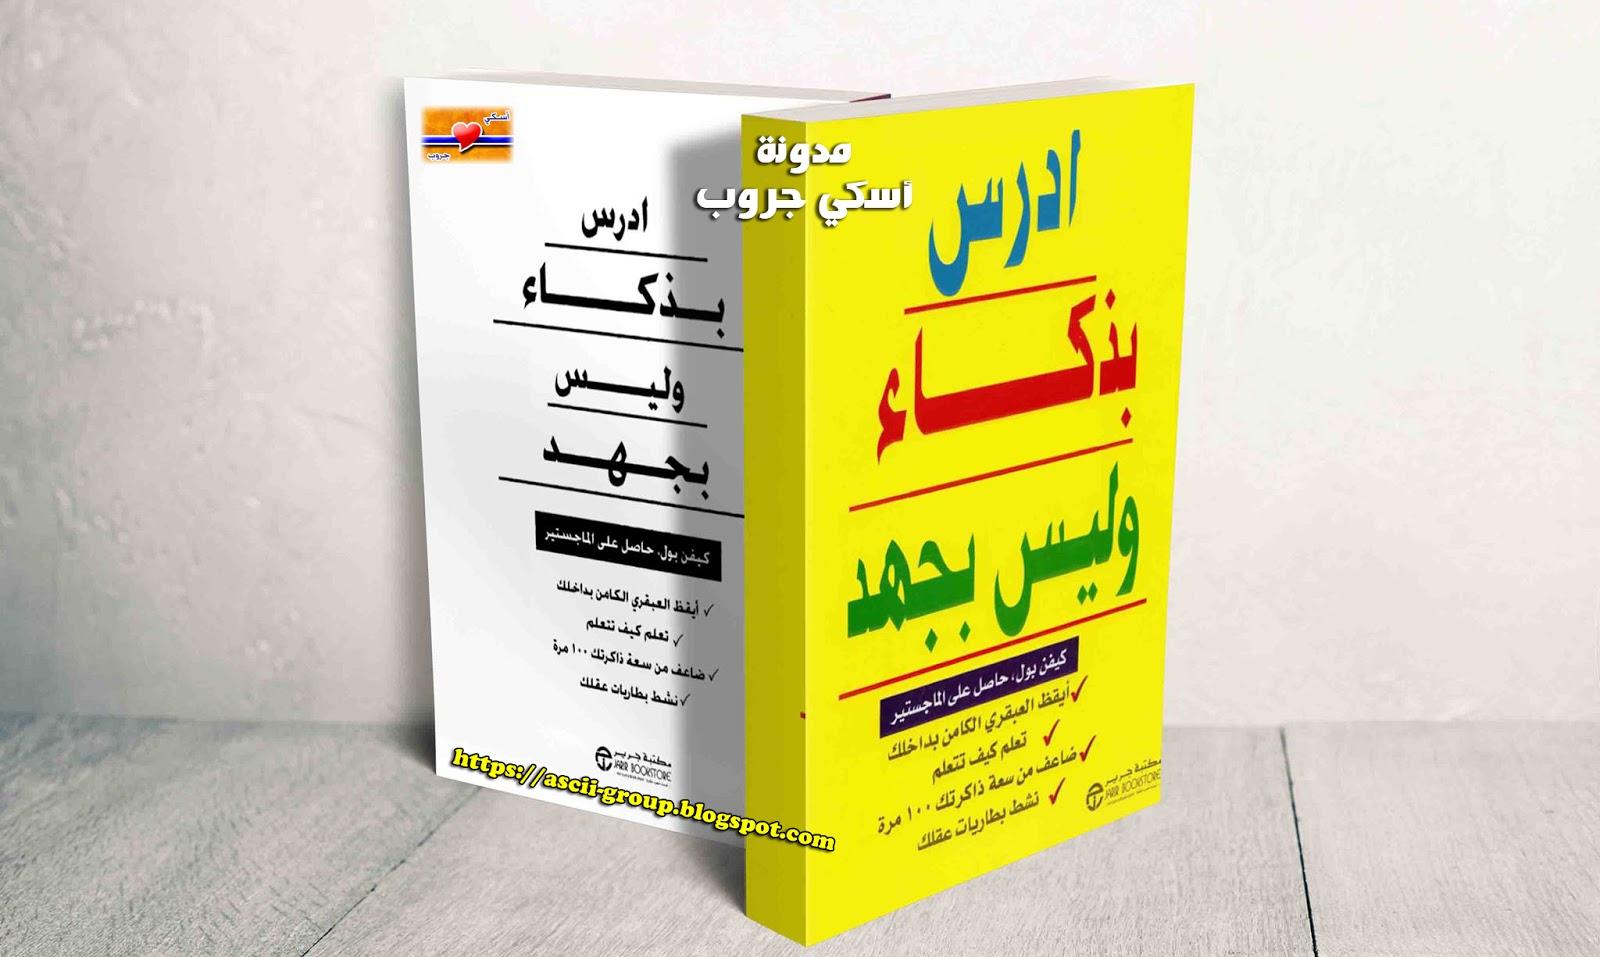 تحميل كتاب ادرس بذكاء وليس بجهد pdf